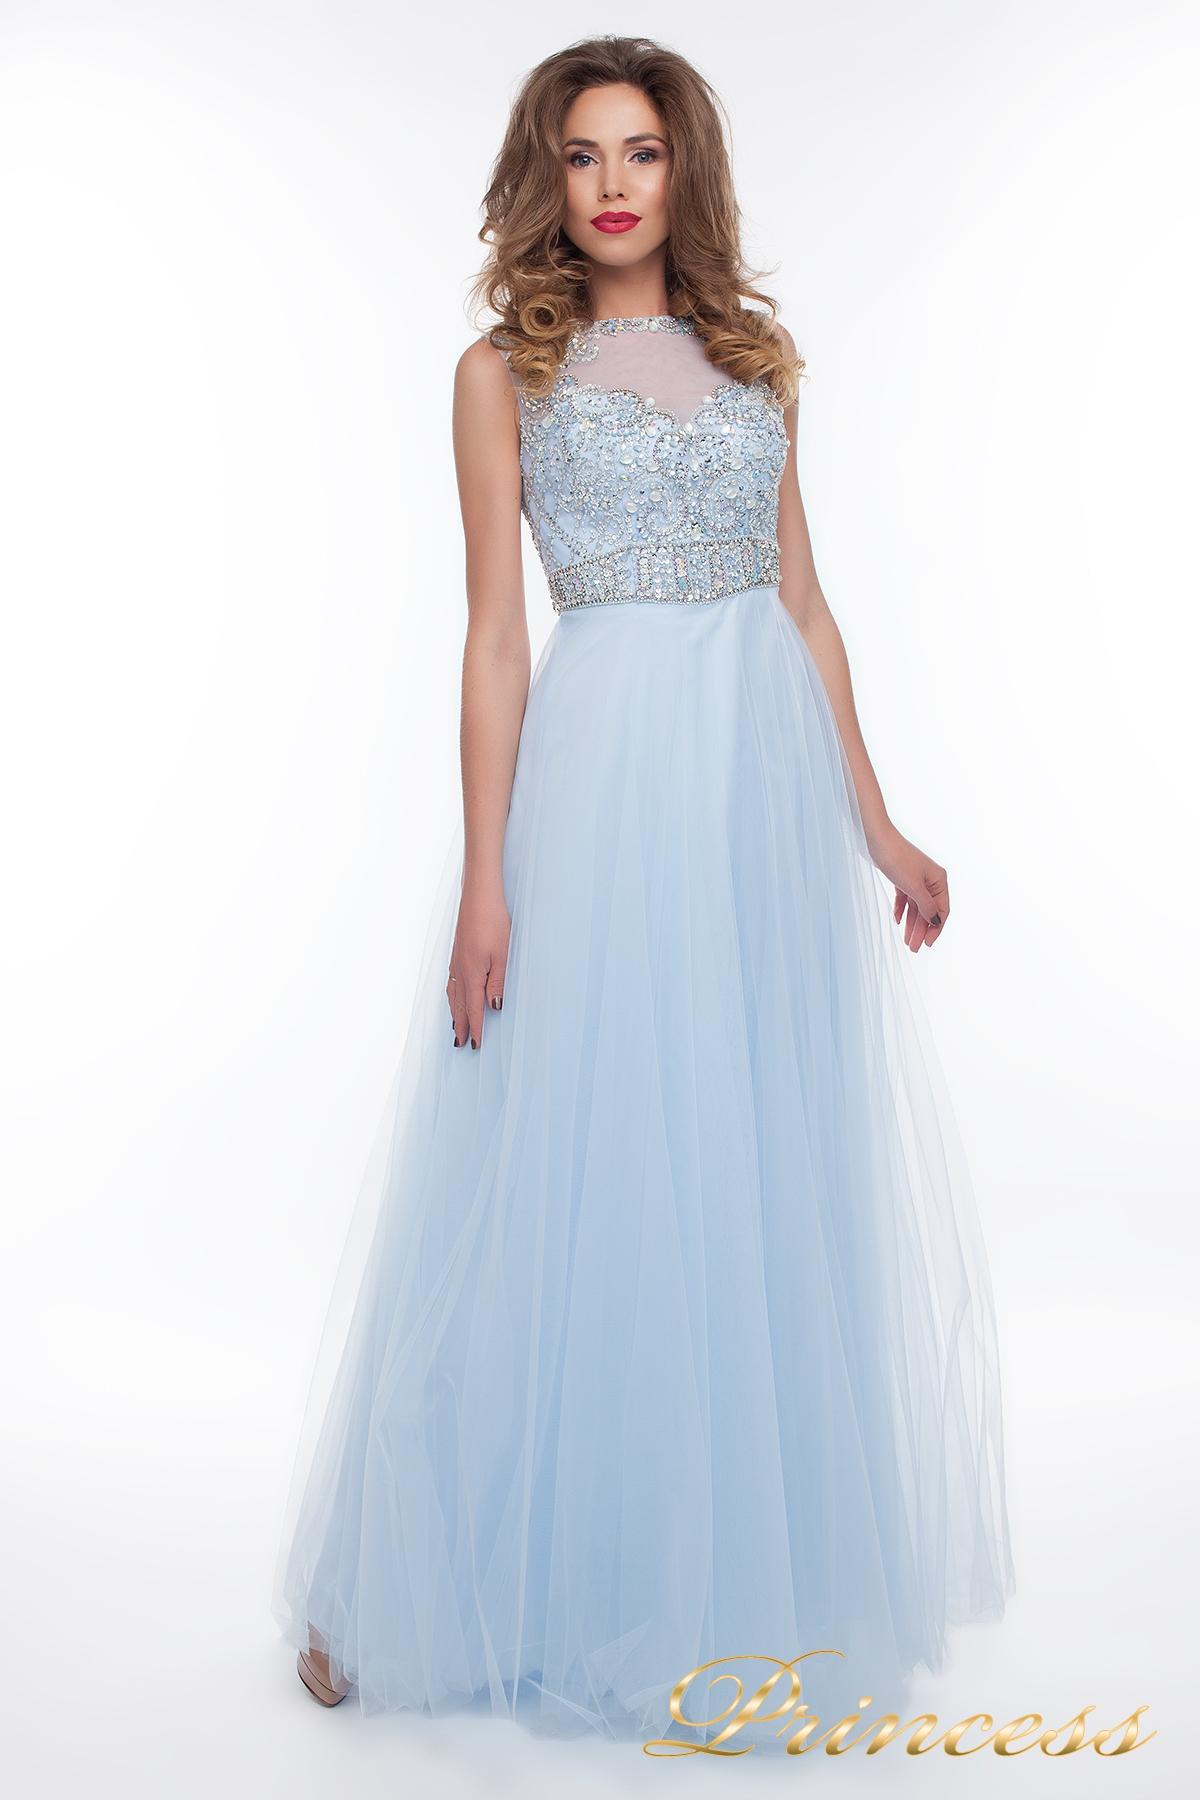 caab302dfc7 Купить вечернее платье 150190 blue голубого цвета по цене 29500 руб ...